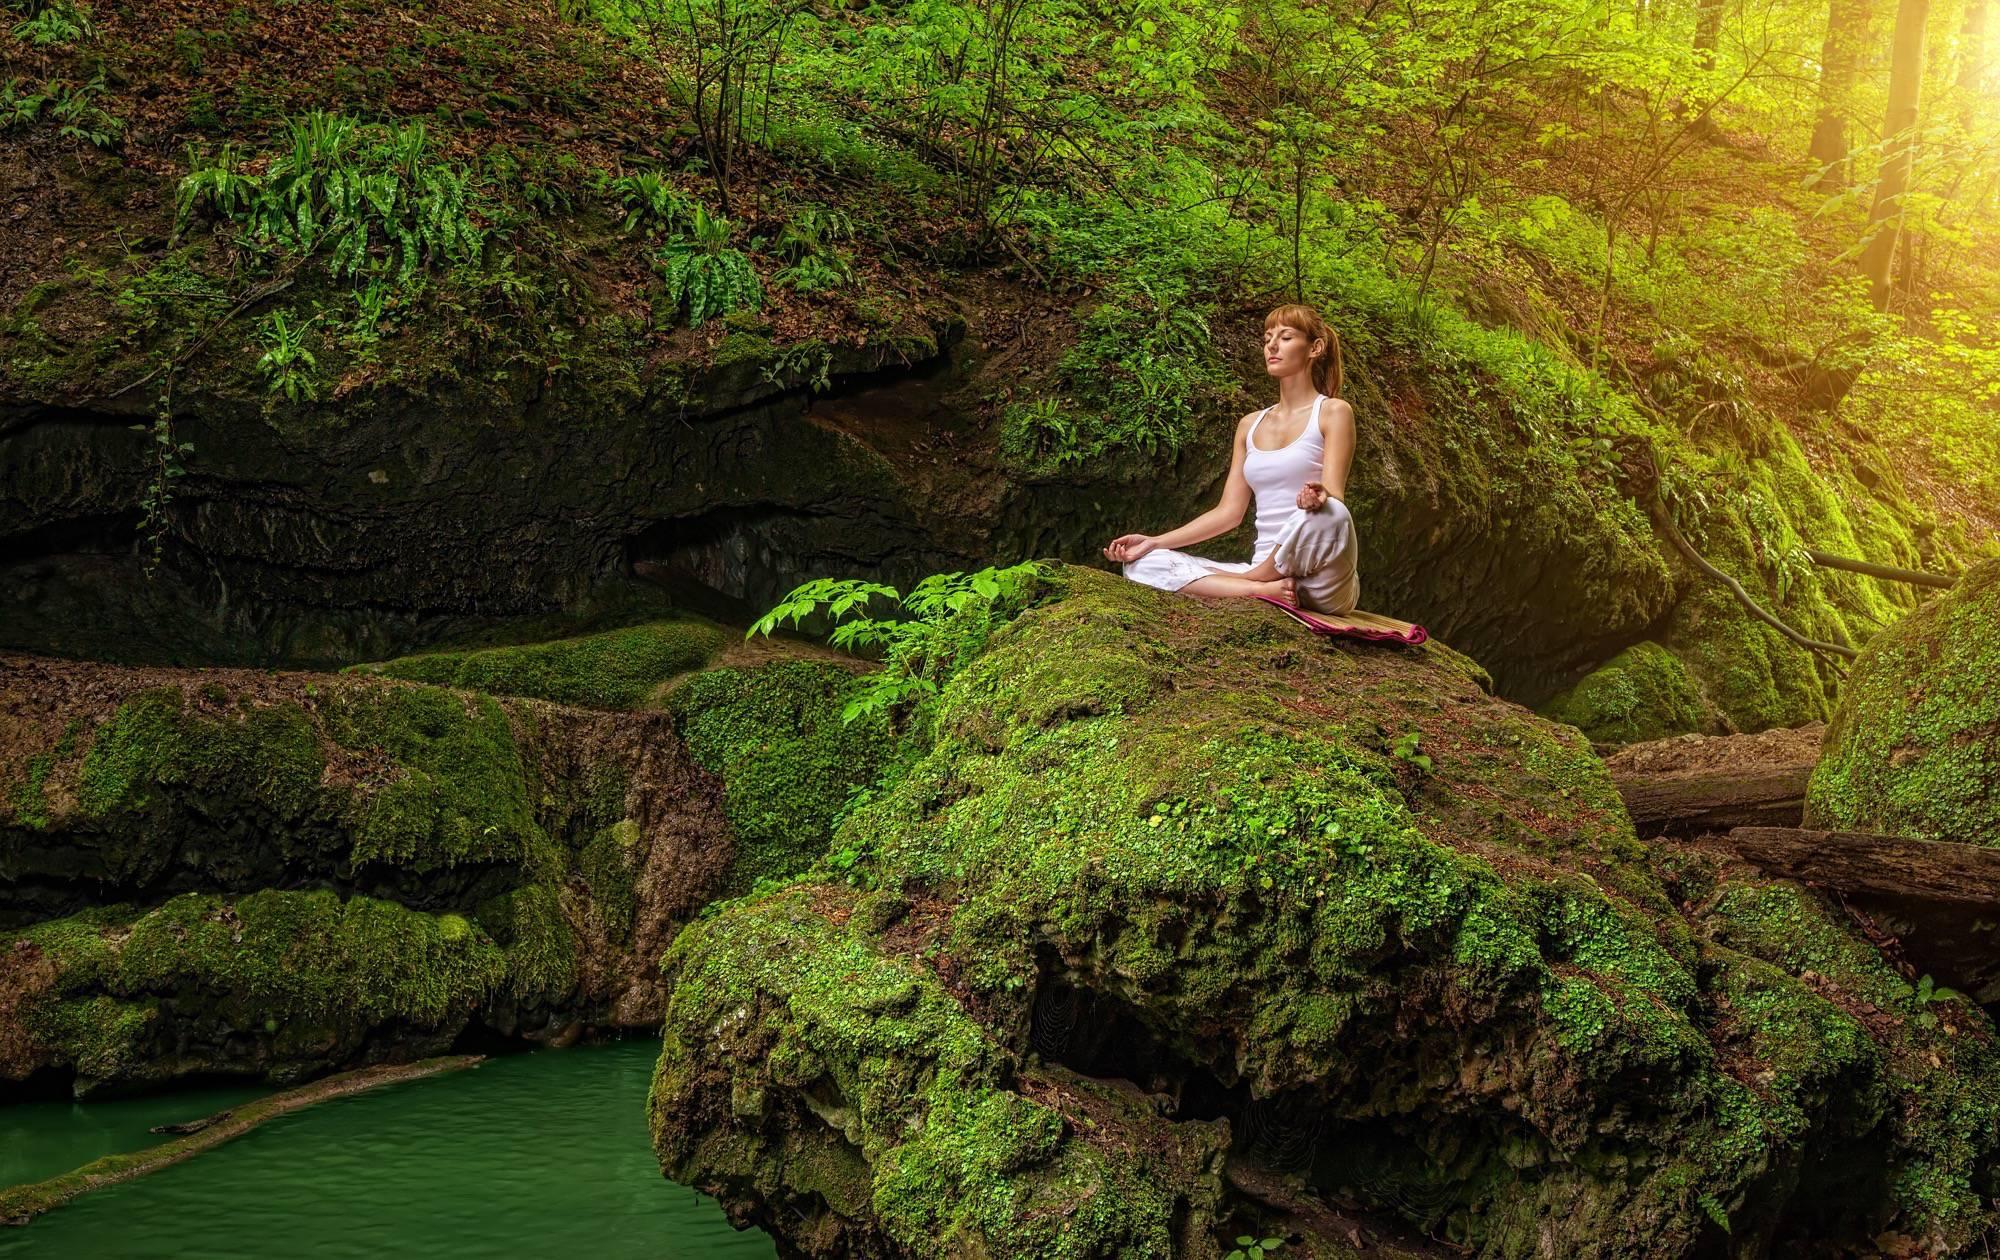 gaia_meditation_woman_meditation_forest